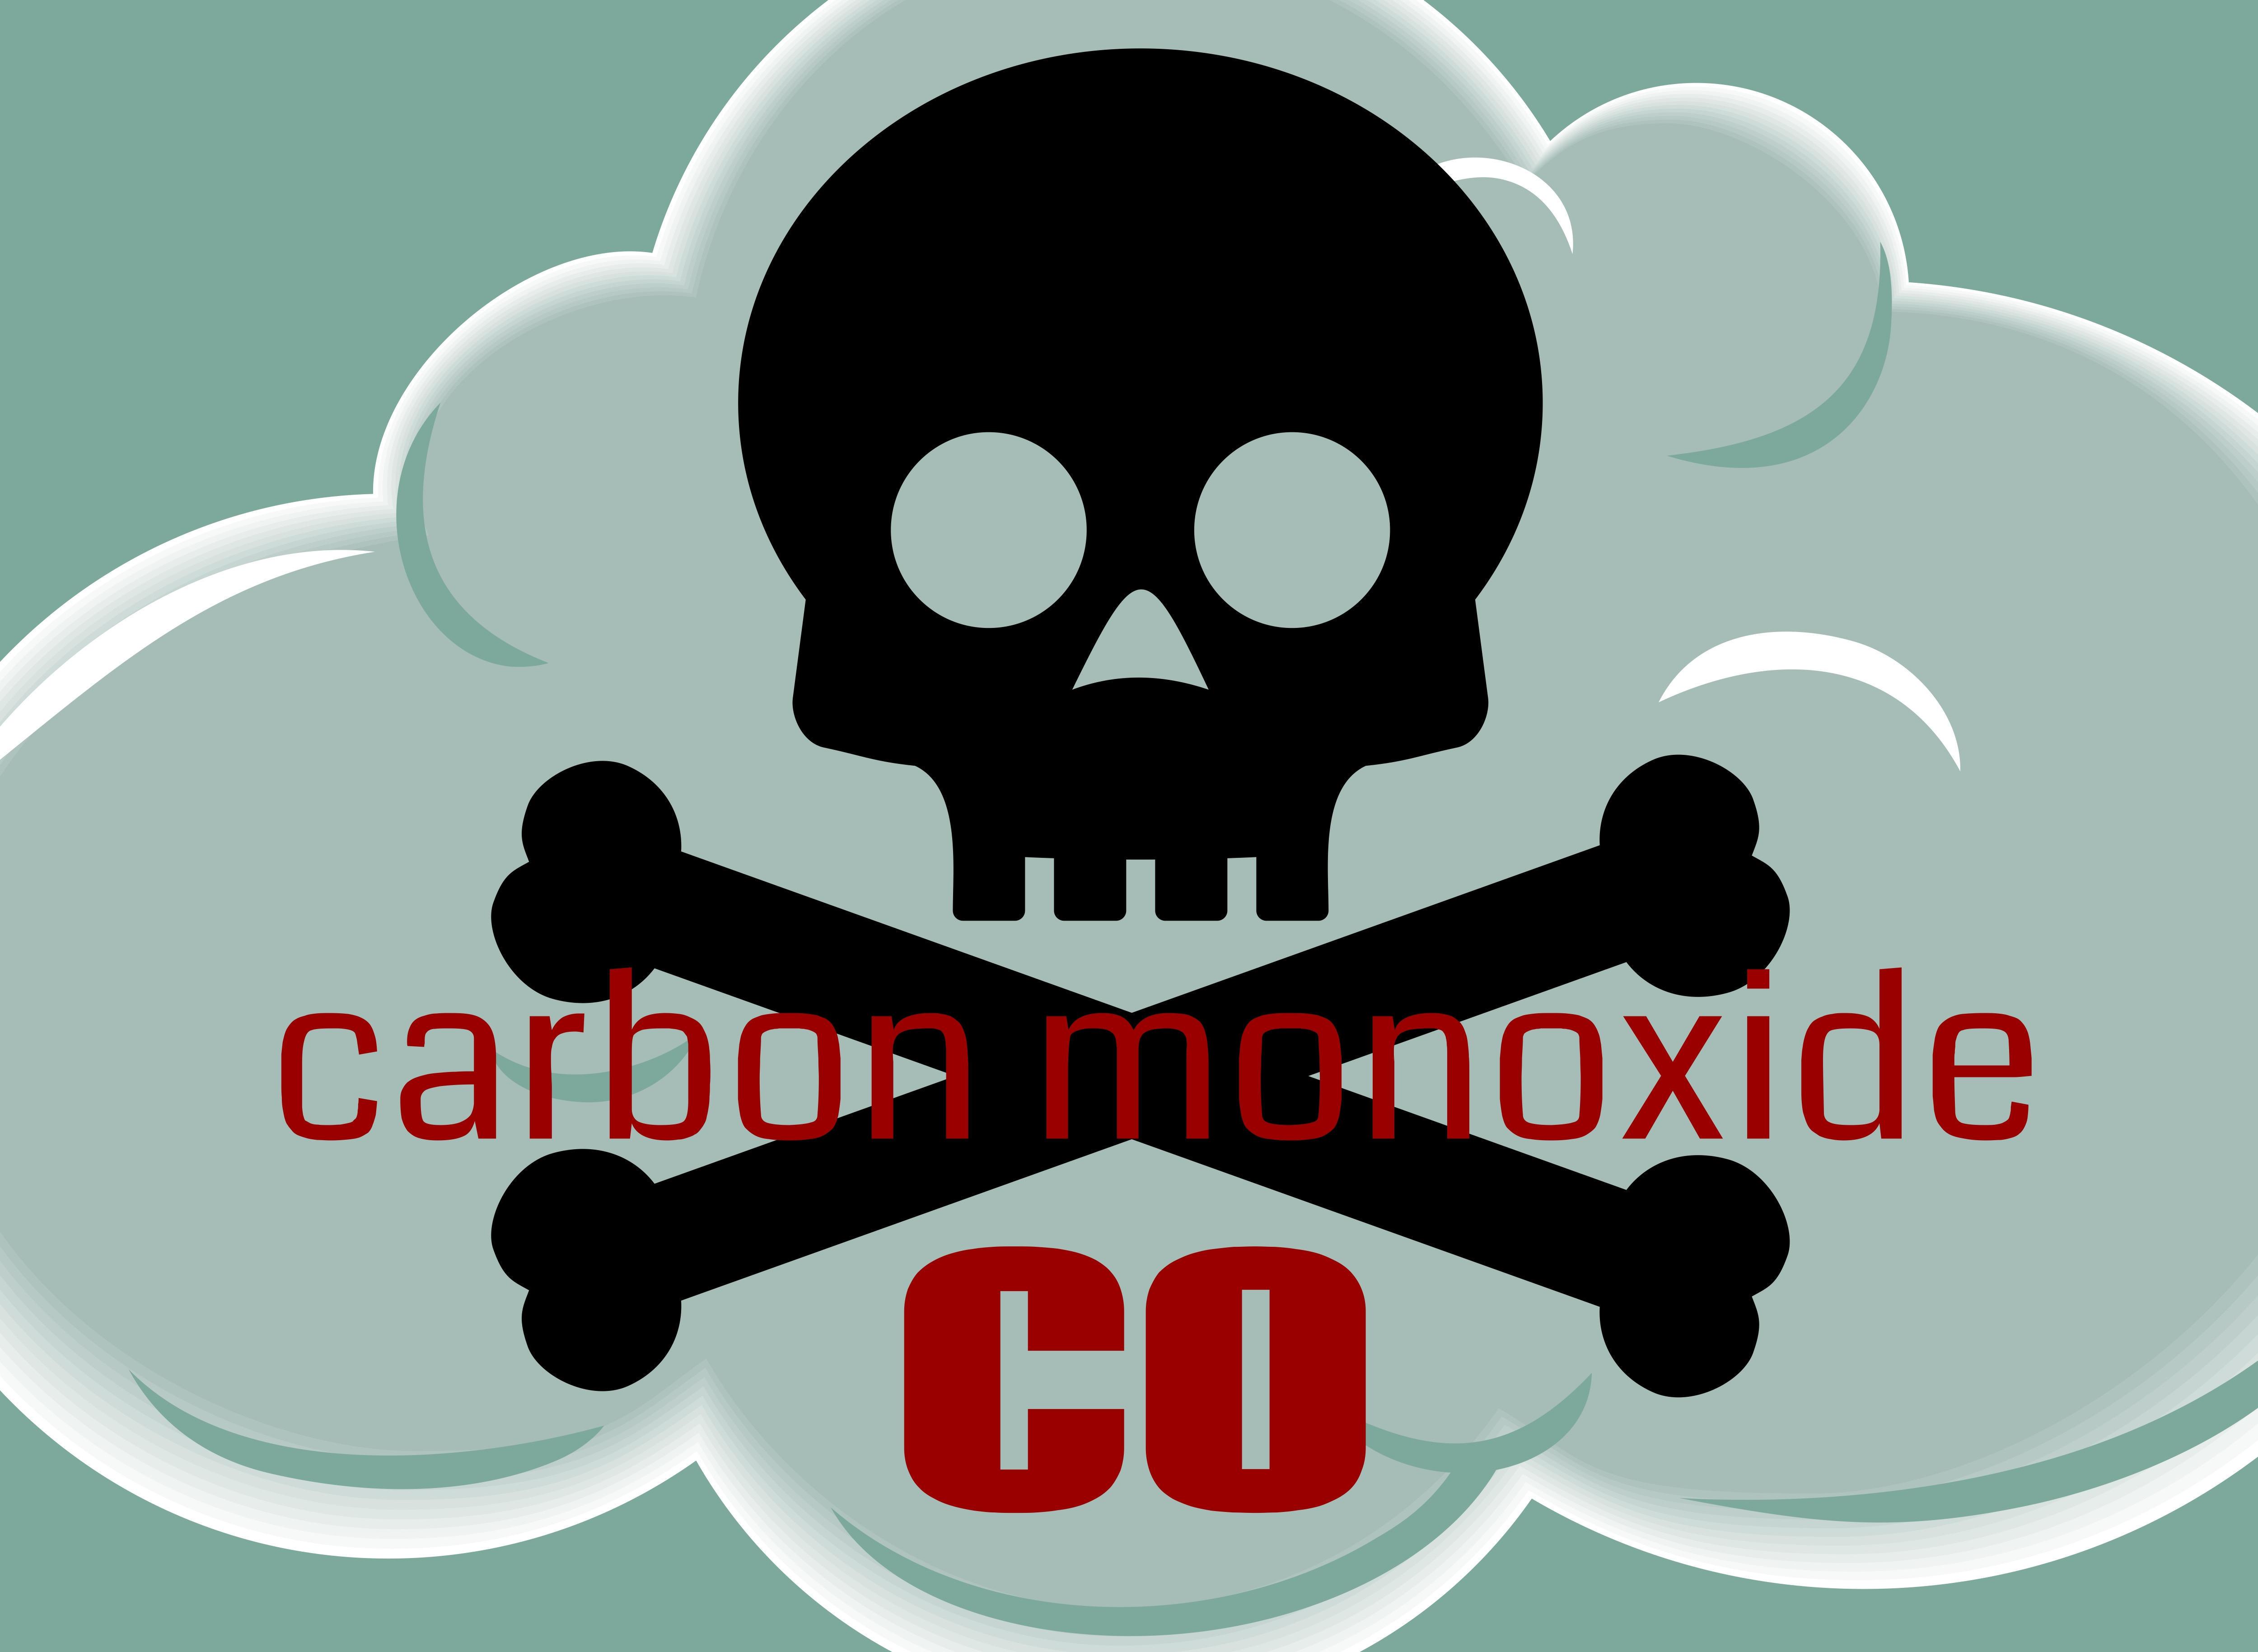 Carbon monoxide investigation